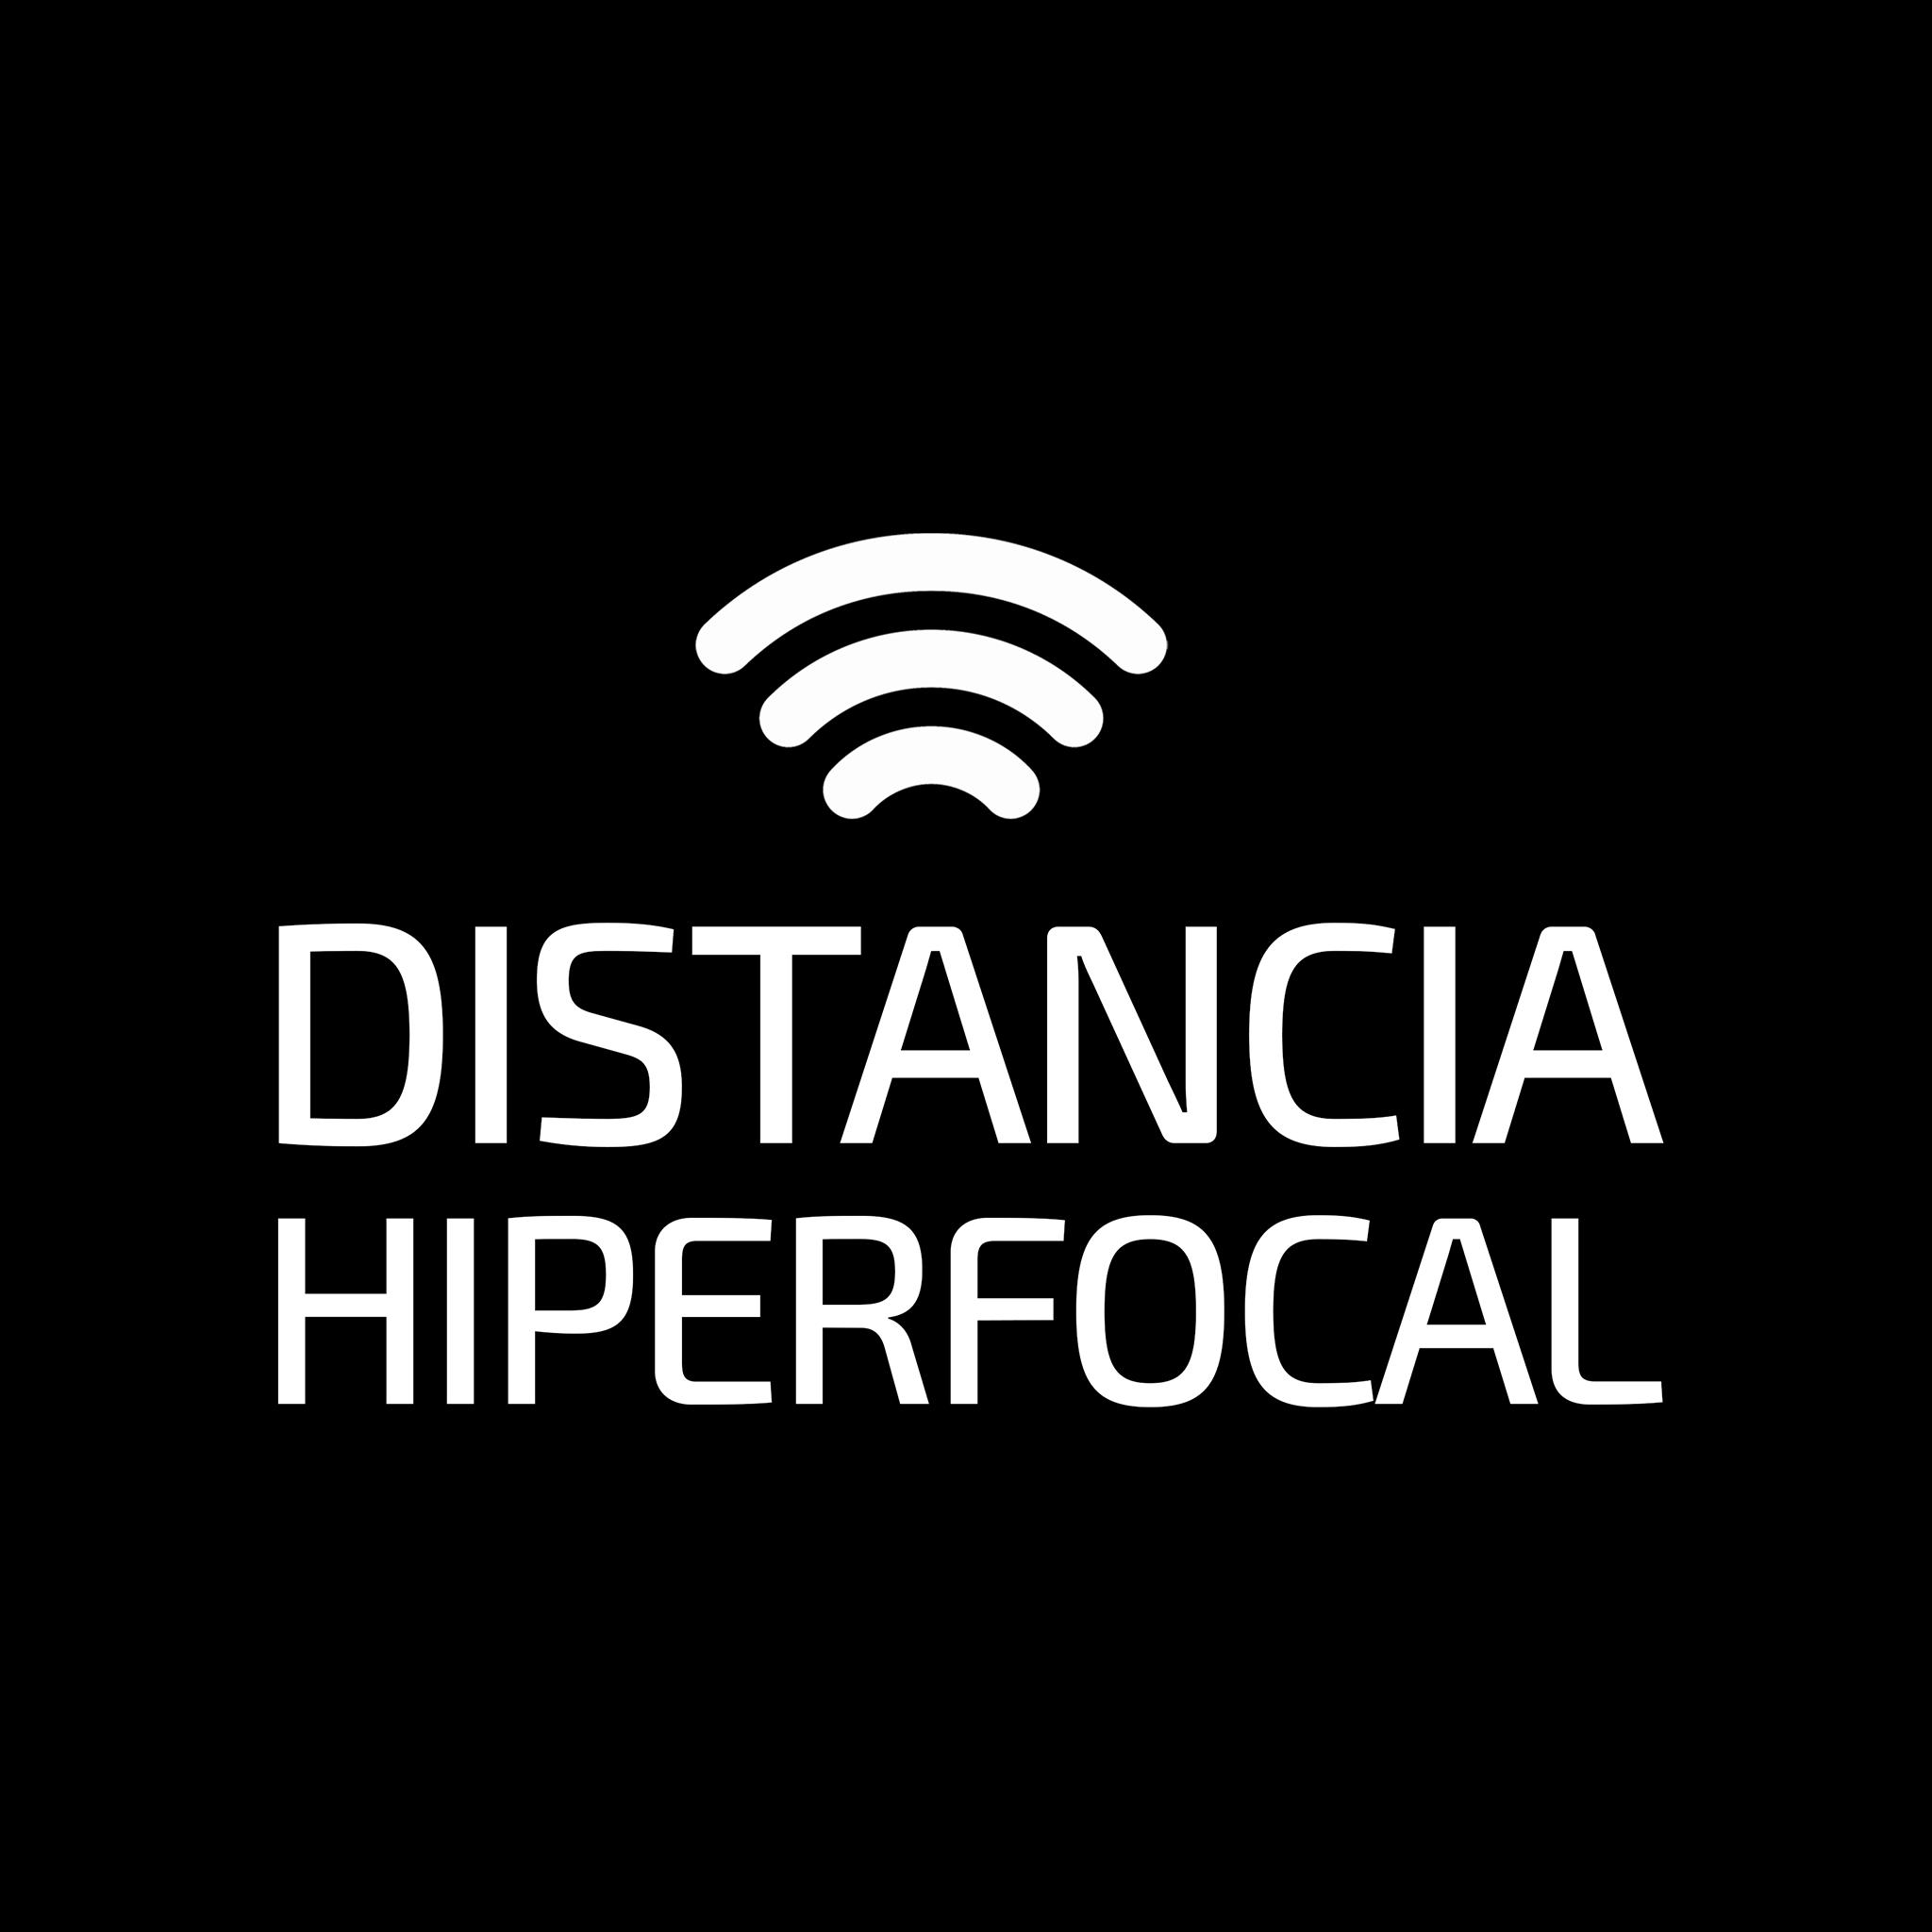 Distancia Hiperfocal, Fotografía de Paisaje y Viajes